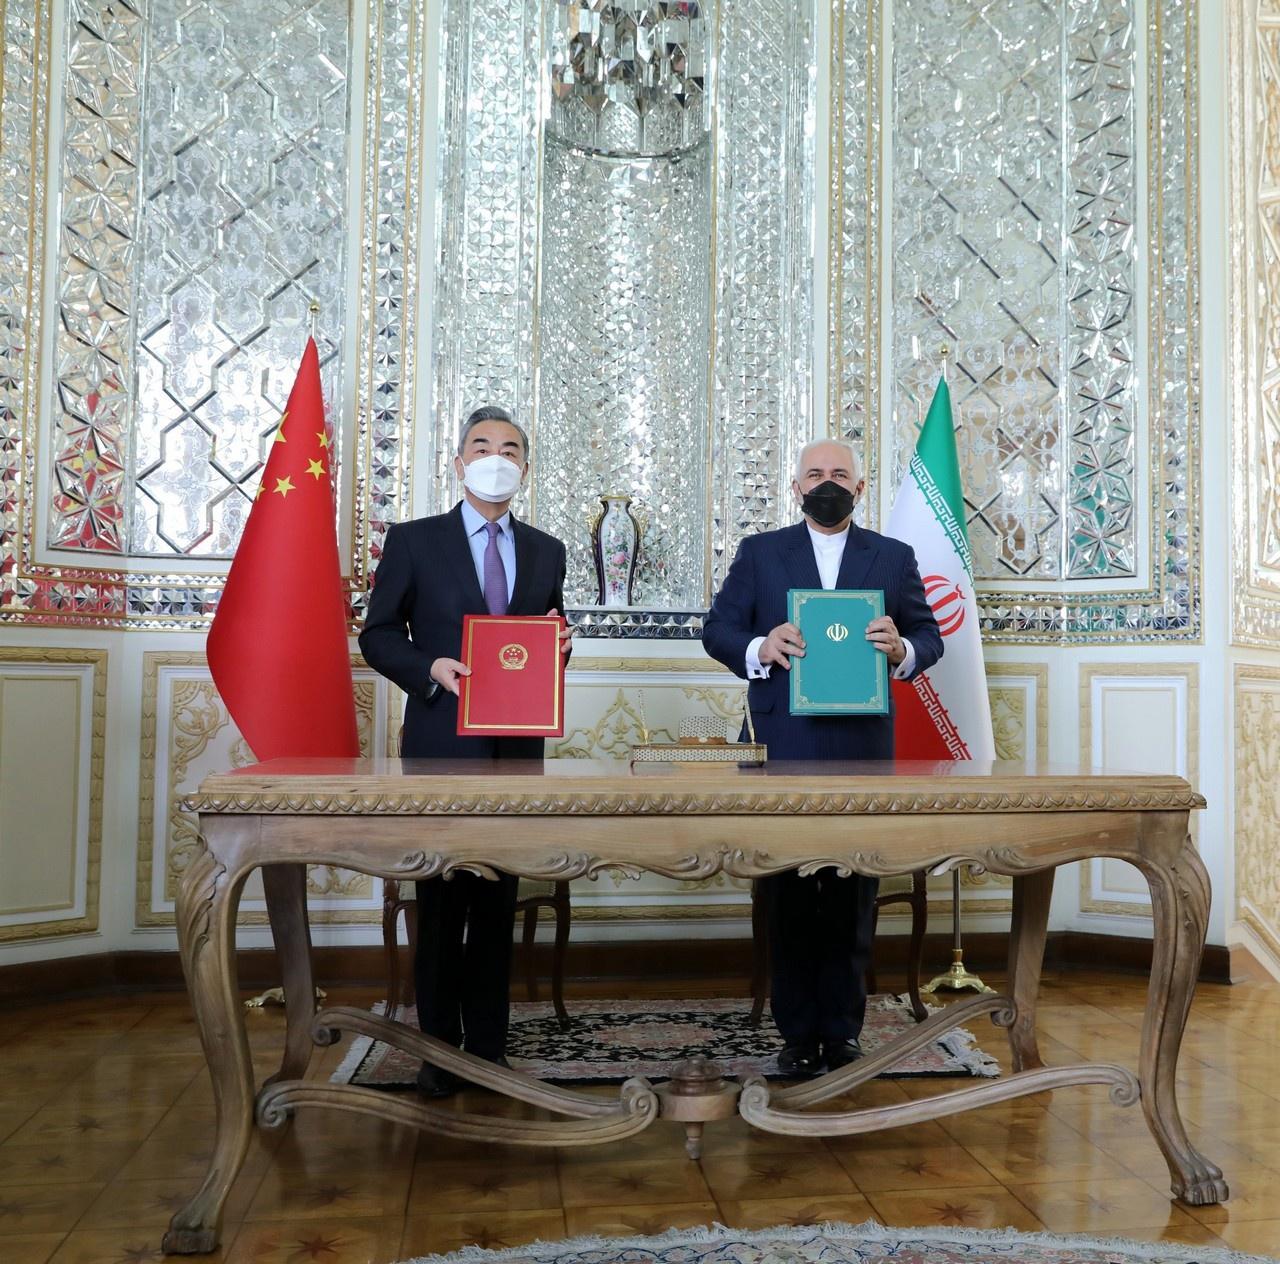 Иран и Китай 27 марта 2021 года заключили соглашение о политическом, стратегическом и экономическом сотрудничестве сроком на 25 лет. США отдыхают.